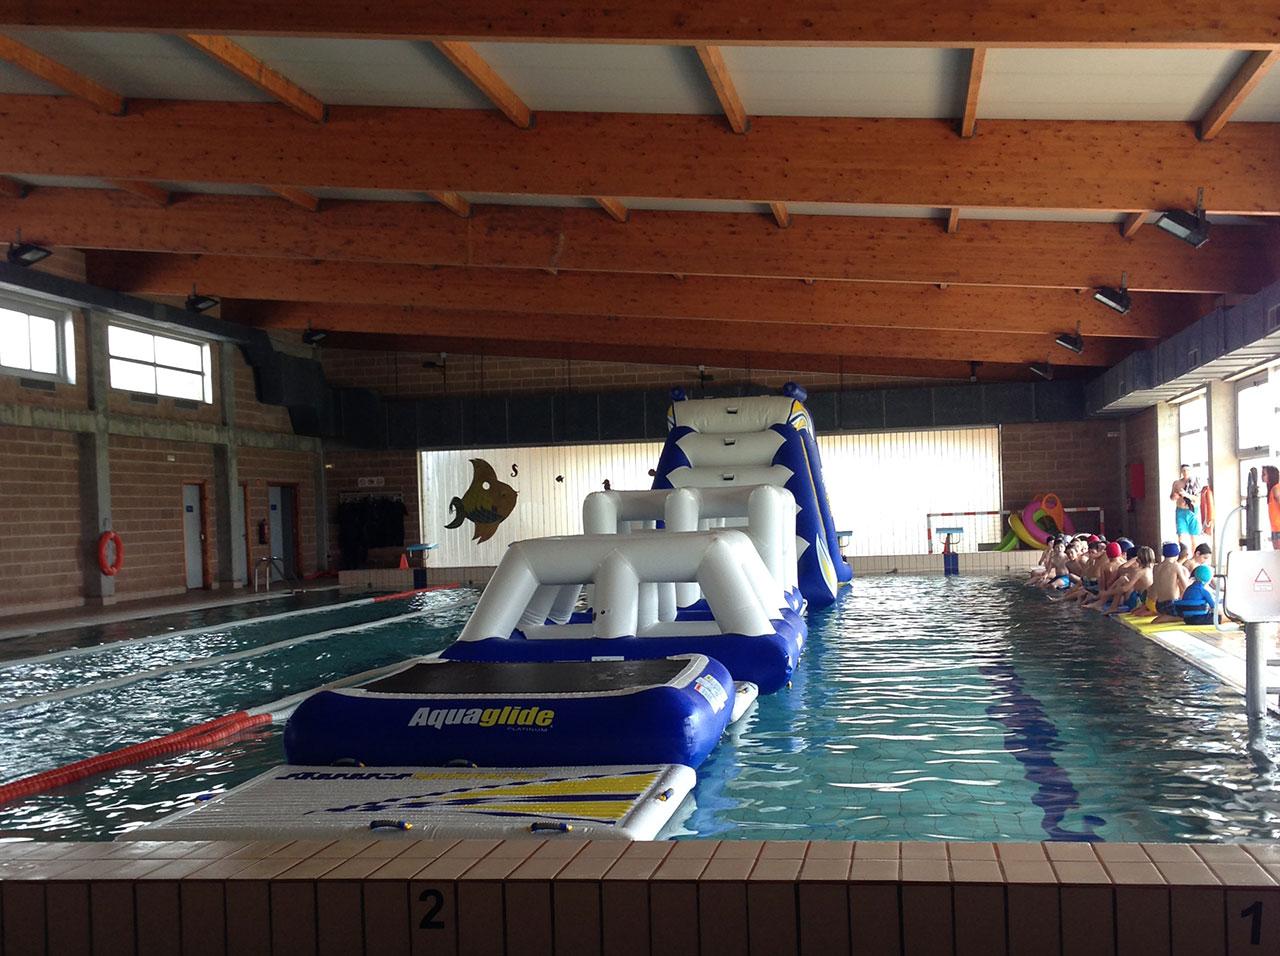 Piscinas de 25 metros aqua enjoy mallorca for Piscina 25 metros